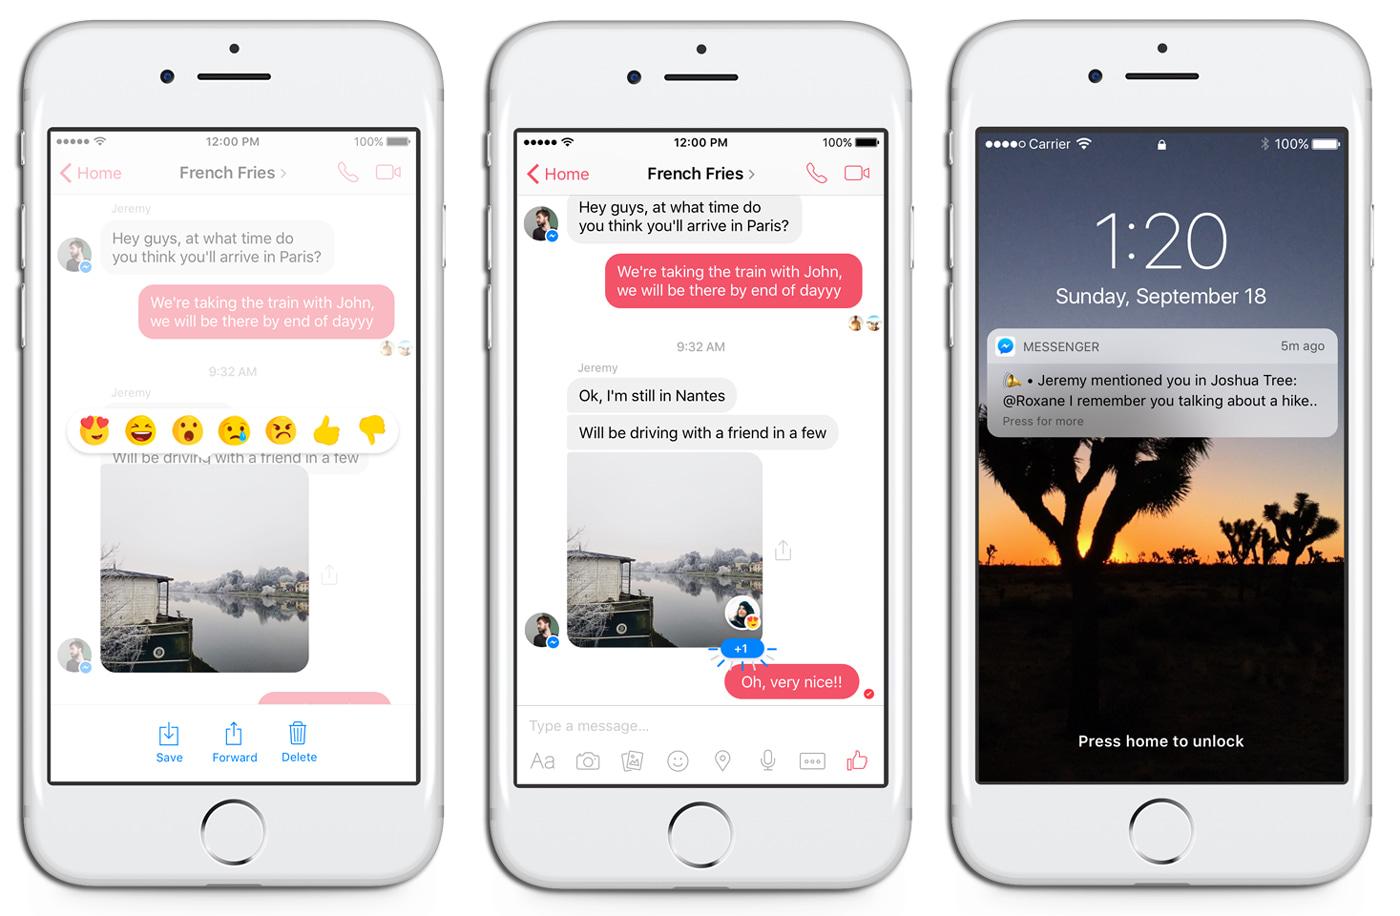 how to share pdf files through messenger